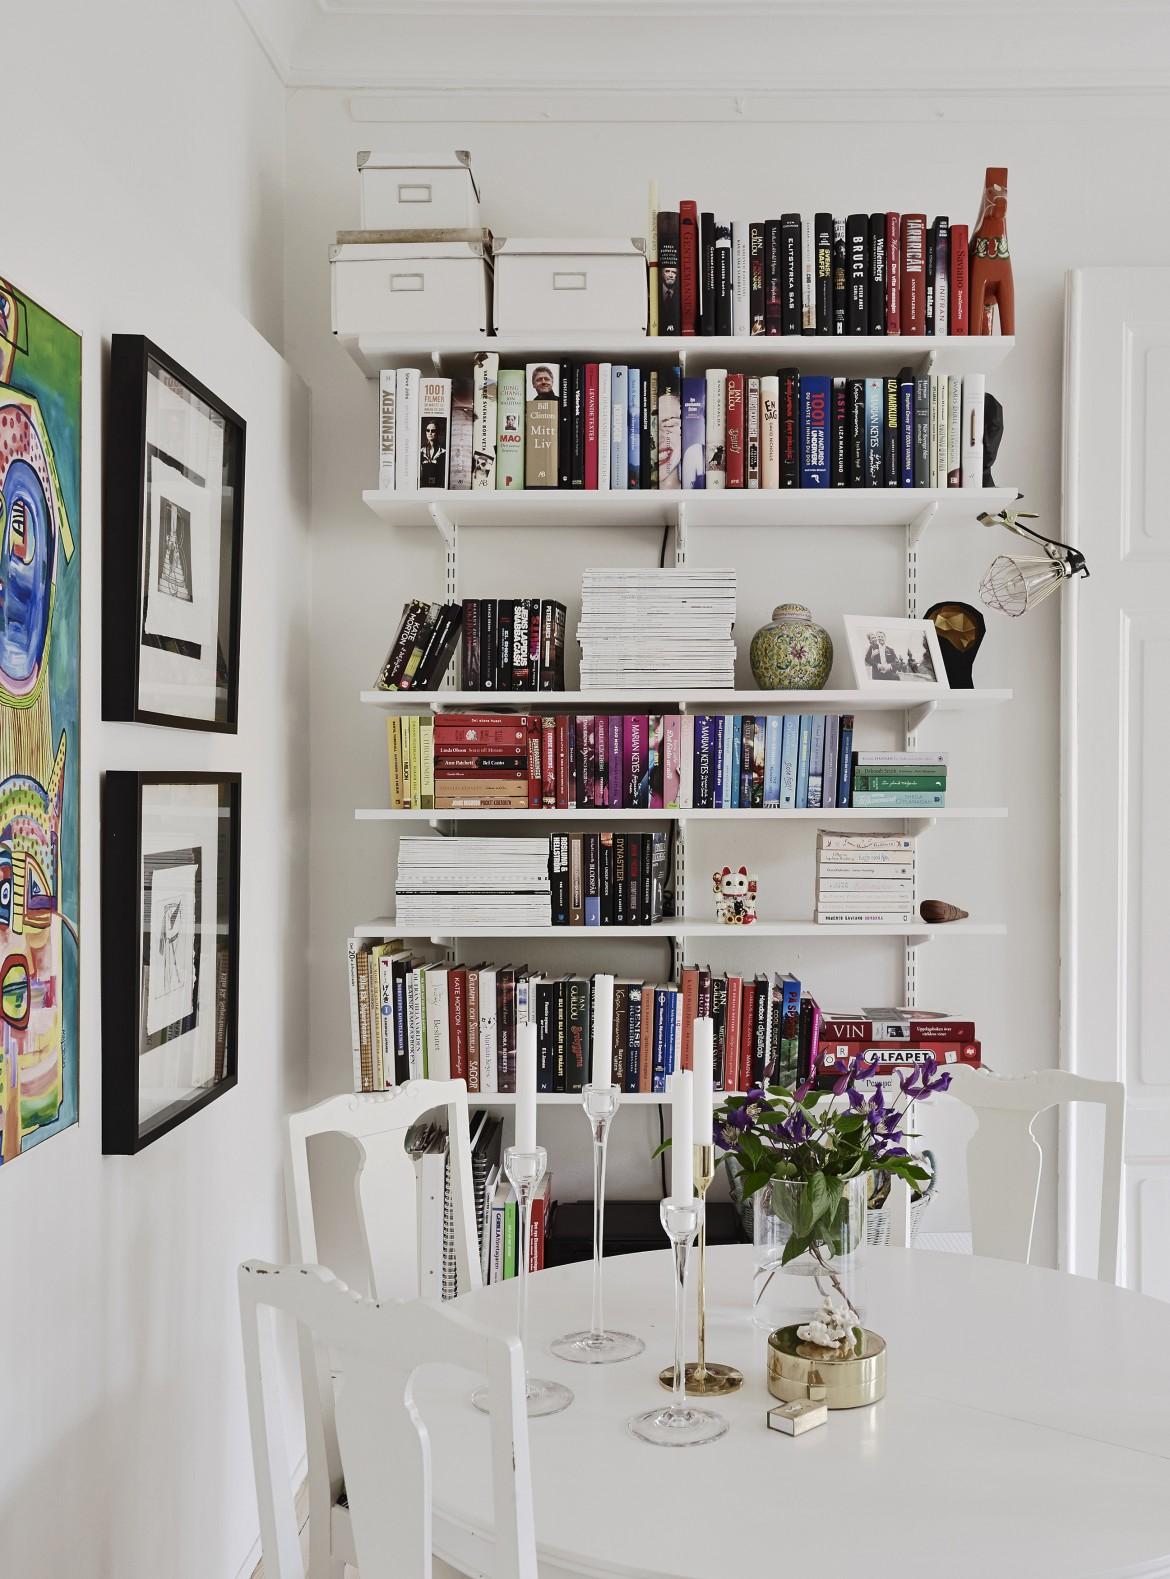 mesa y sillas al lado de una estantería con libros